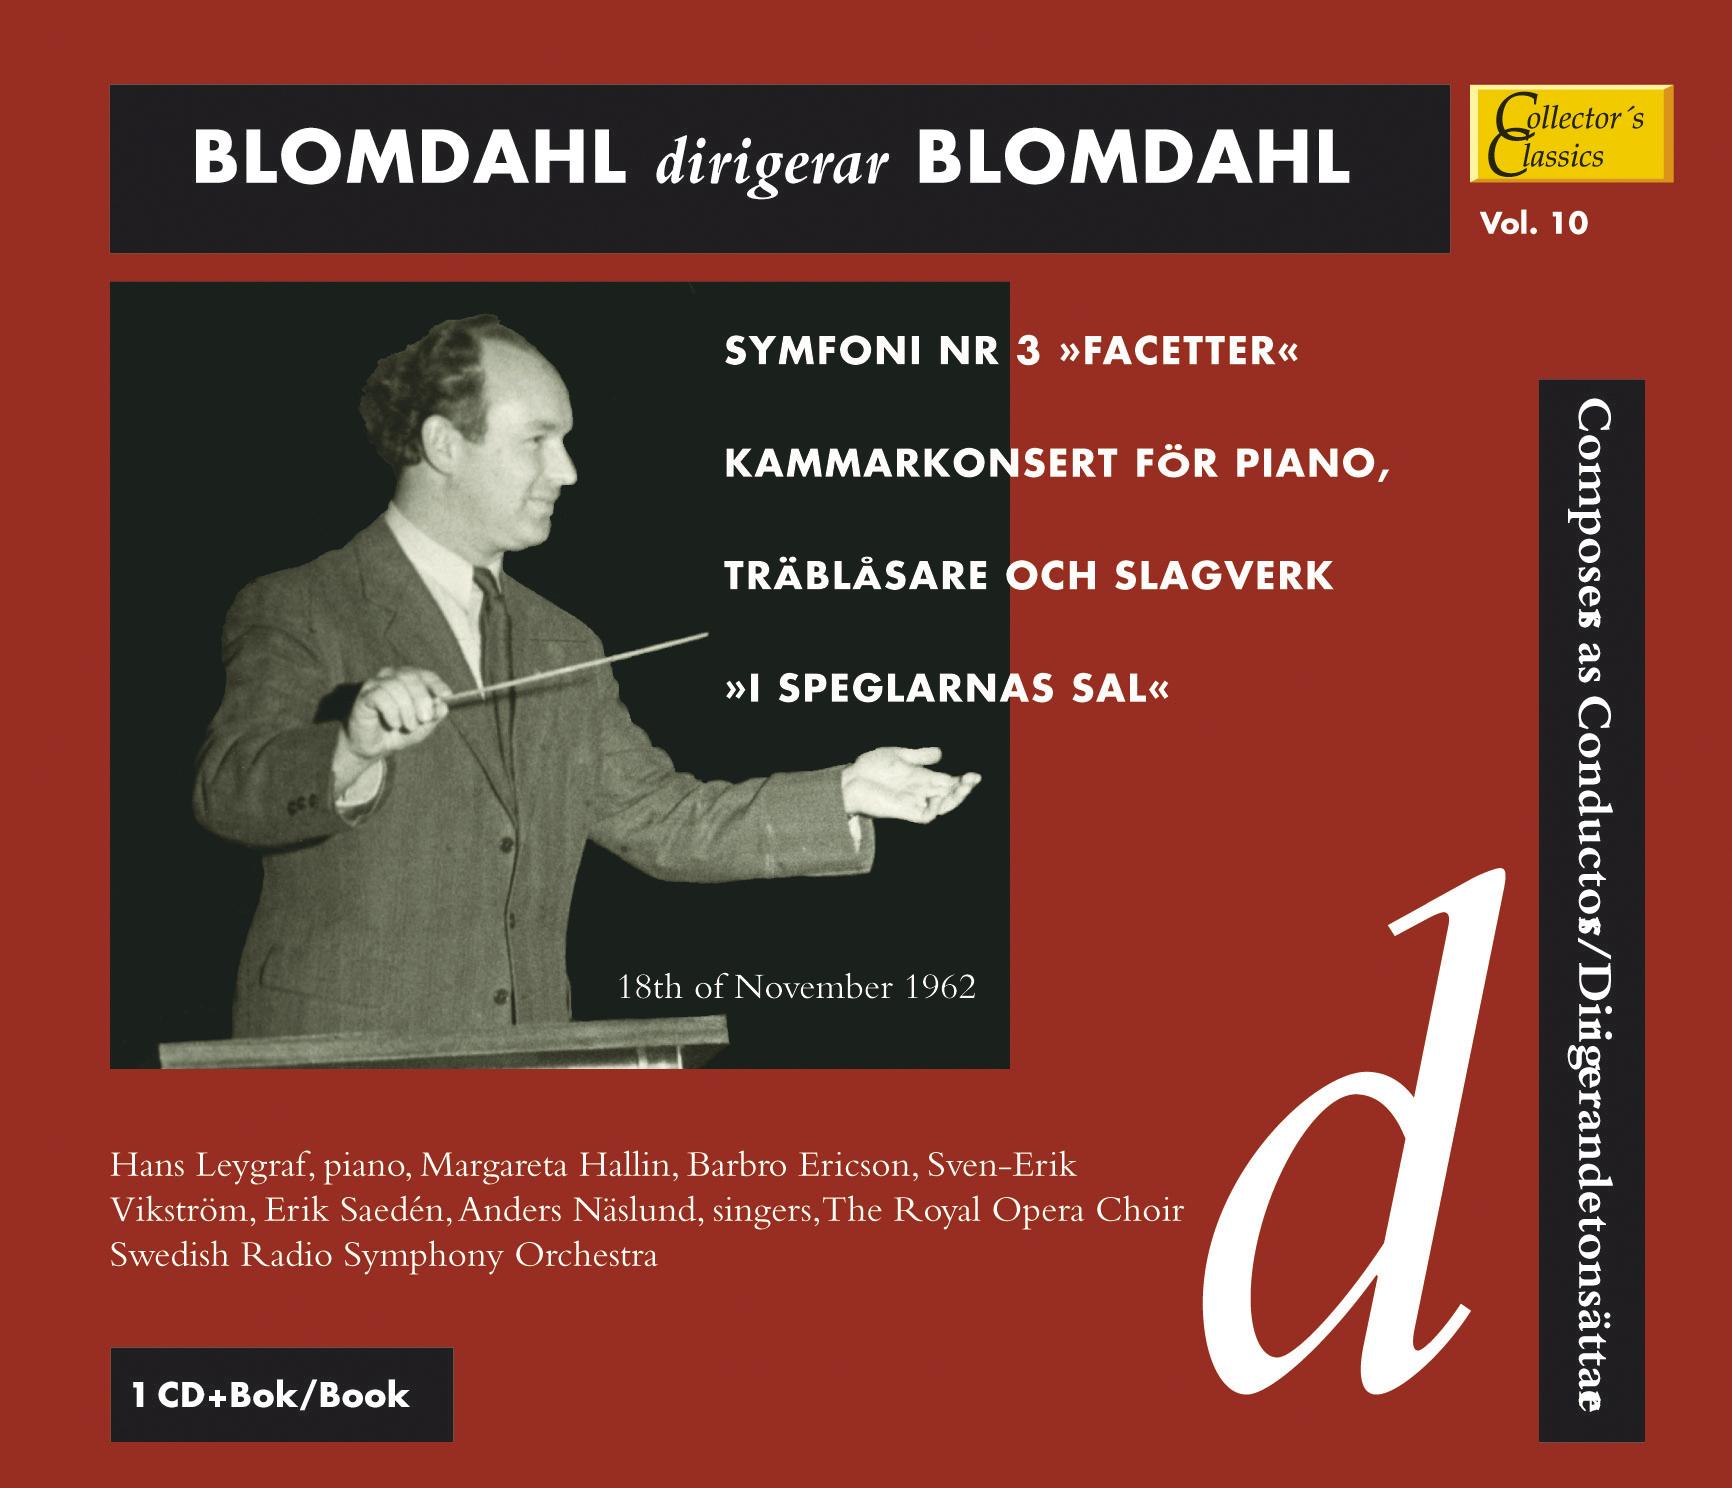 Blomdahl dirigerar Blomdahl vol. 10